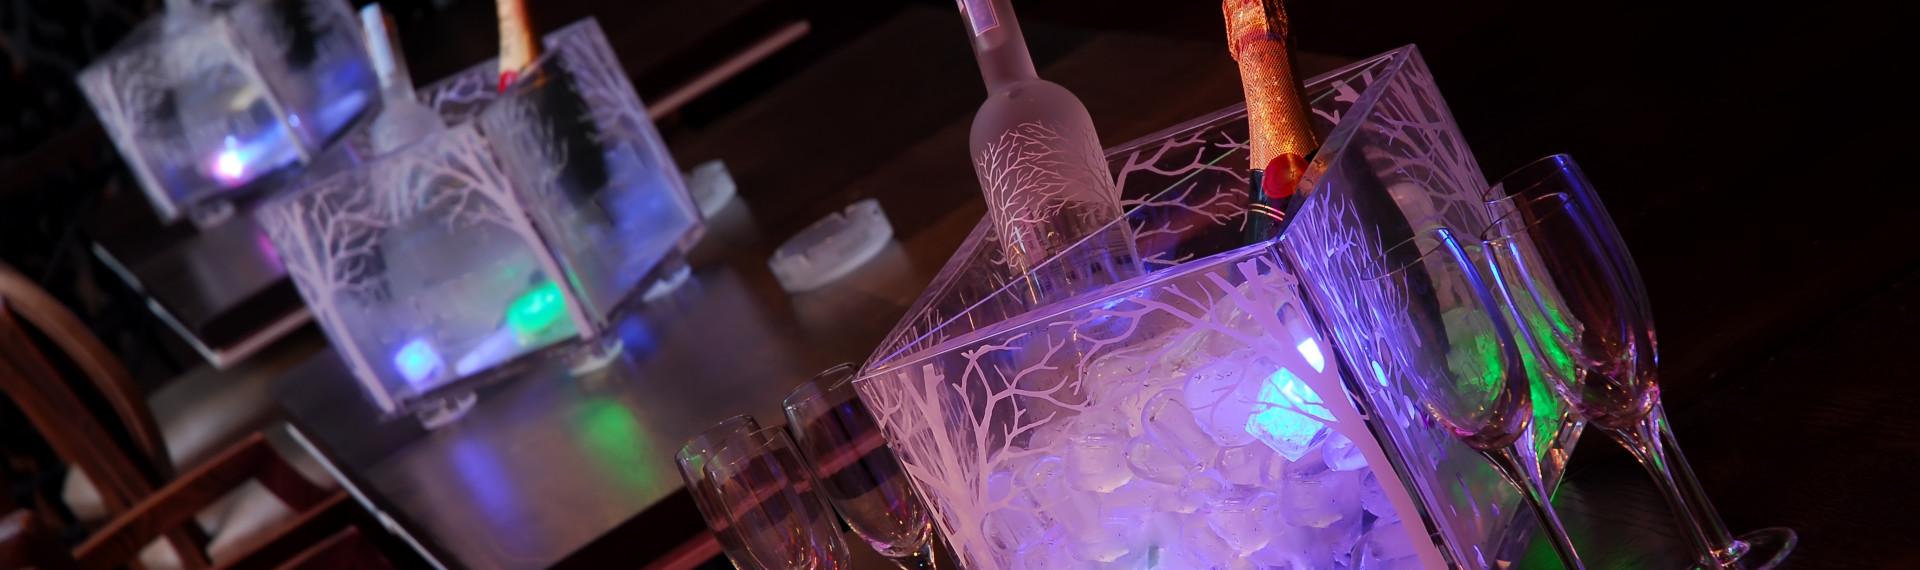 VIP en club de nuit Prague